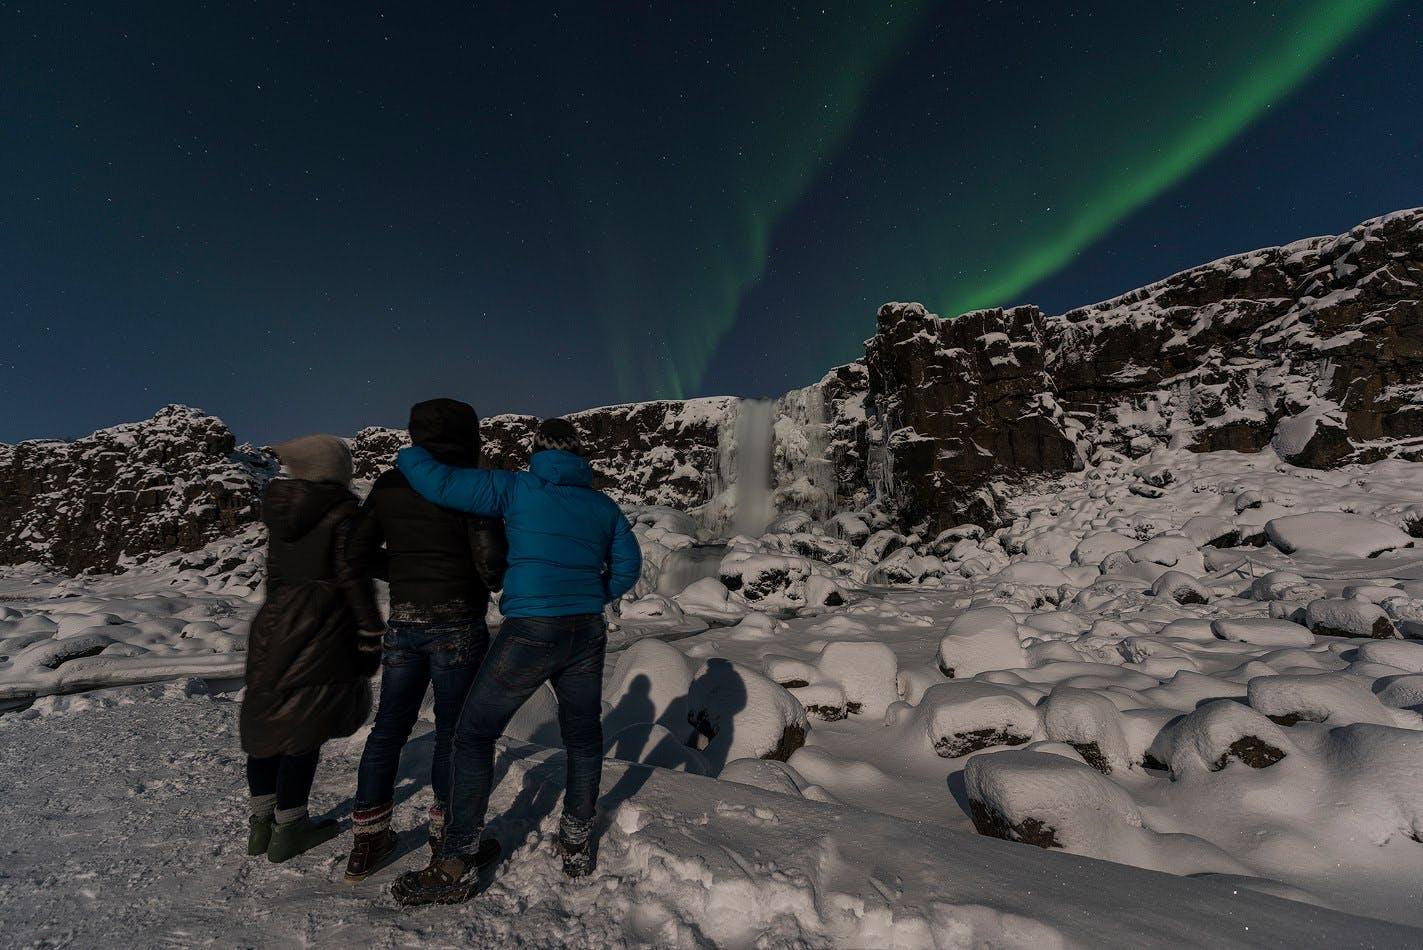 Grupa podróżników w Parku Narodowym Thingvellir zachwyca się pokazem zorzy polarnej.